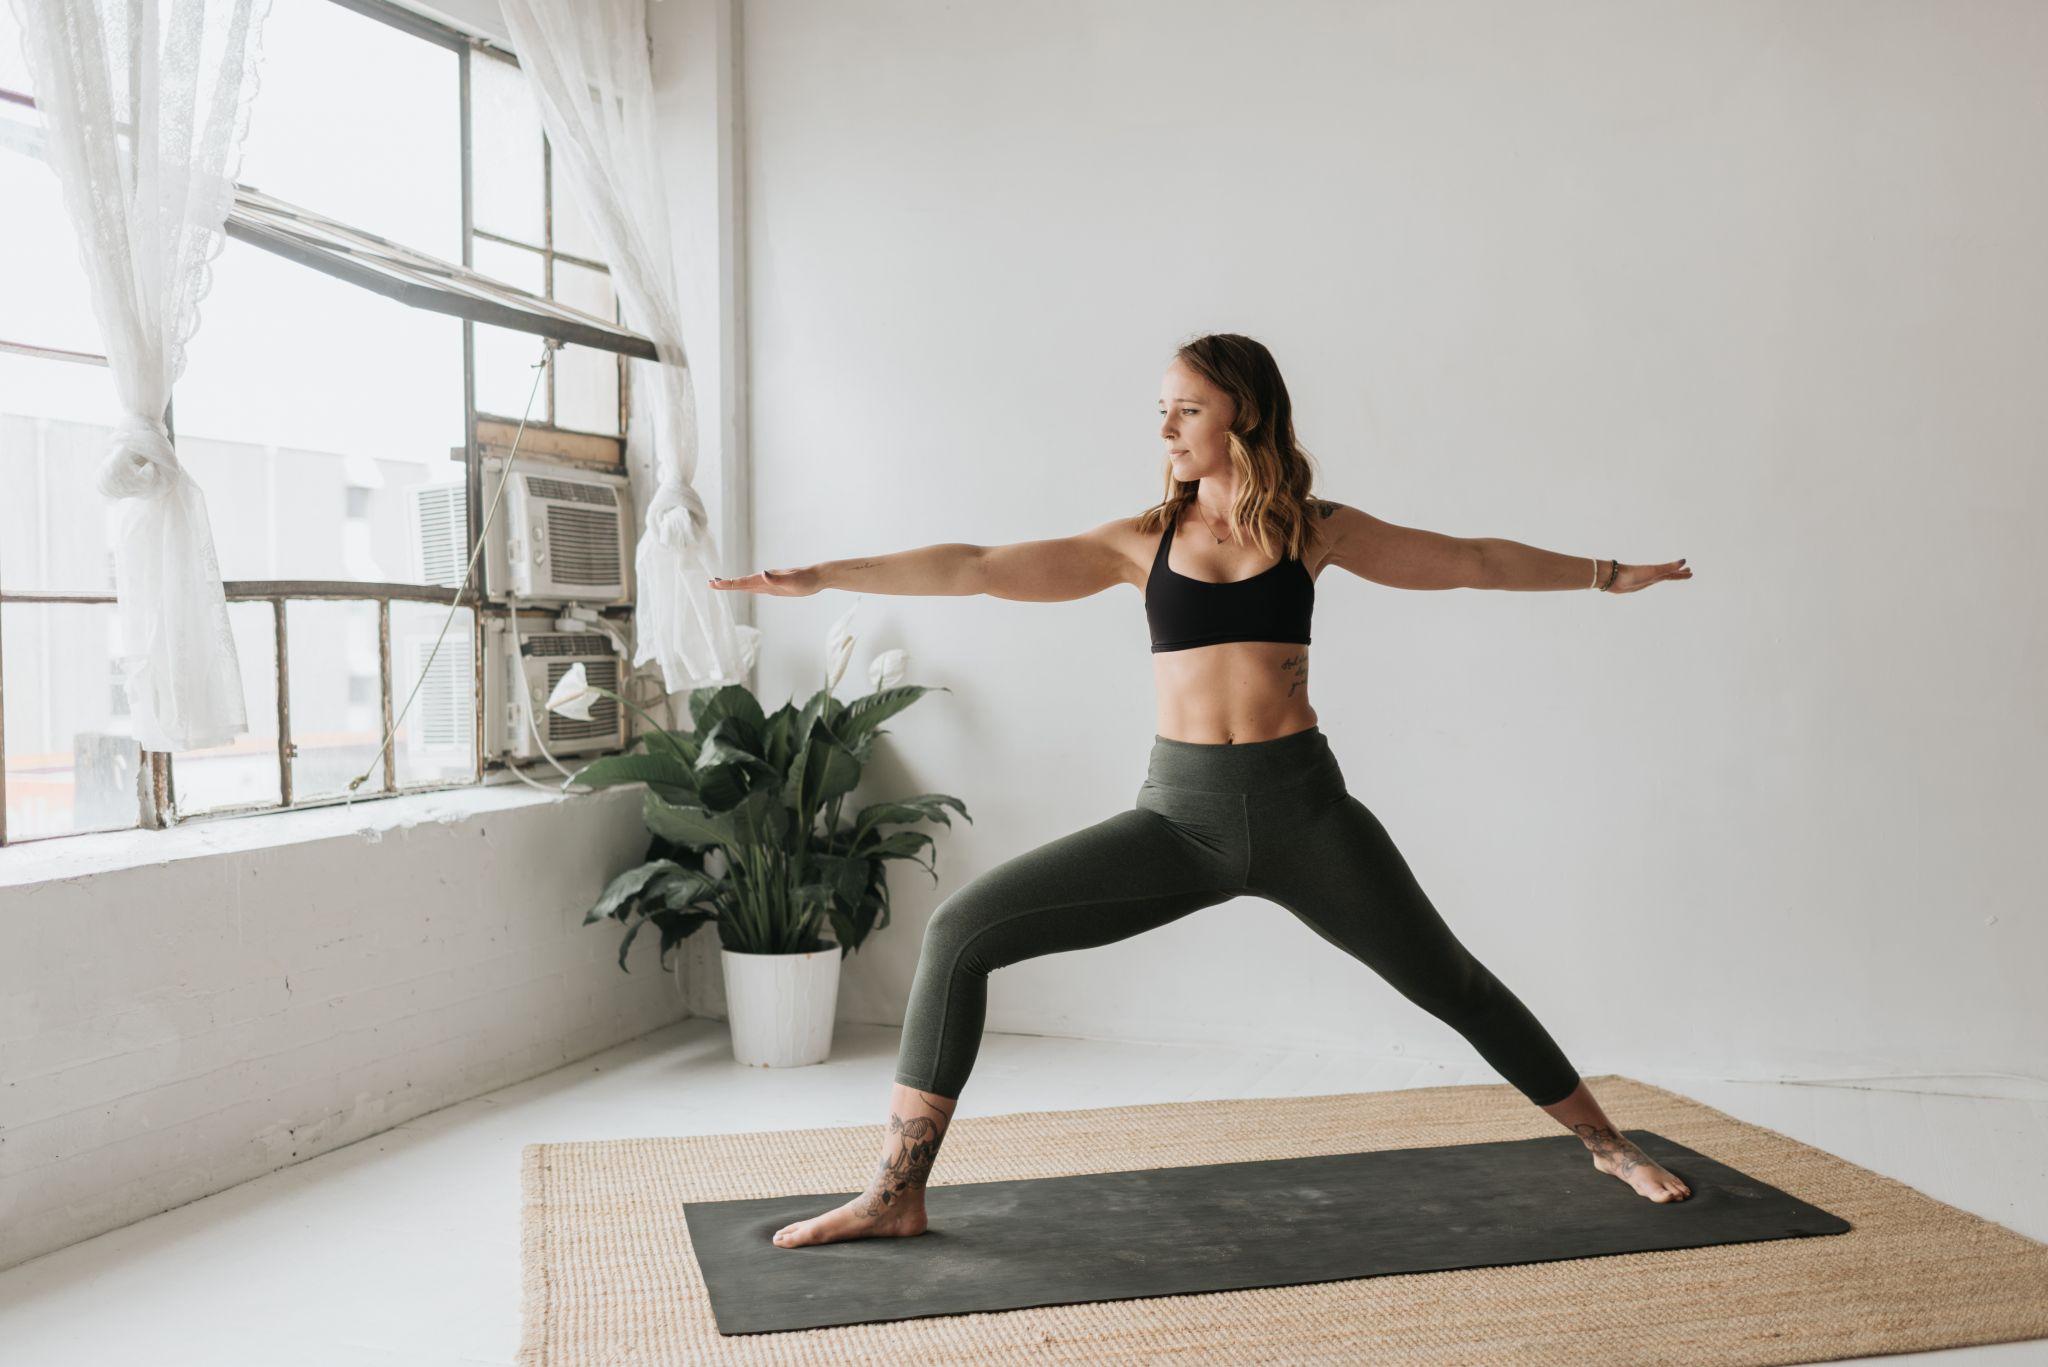 Connecticut Yoga Studios Offering Online Classes During Coronavirus Shutdown Connecticut Post